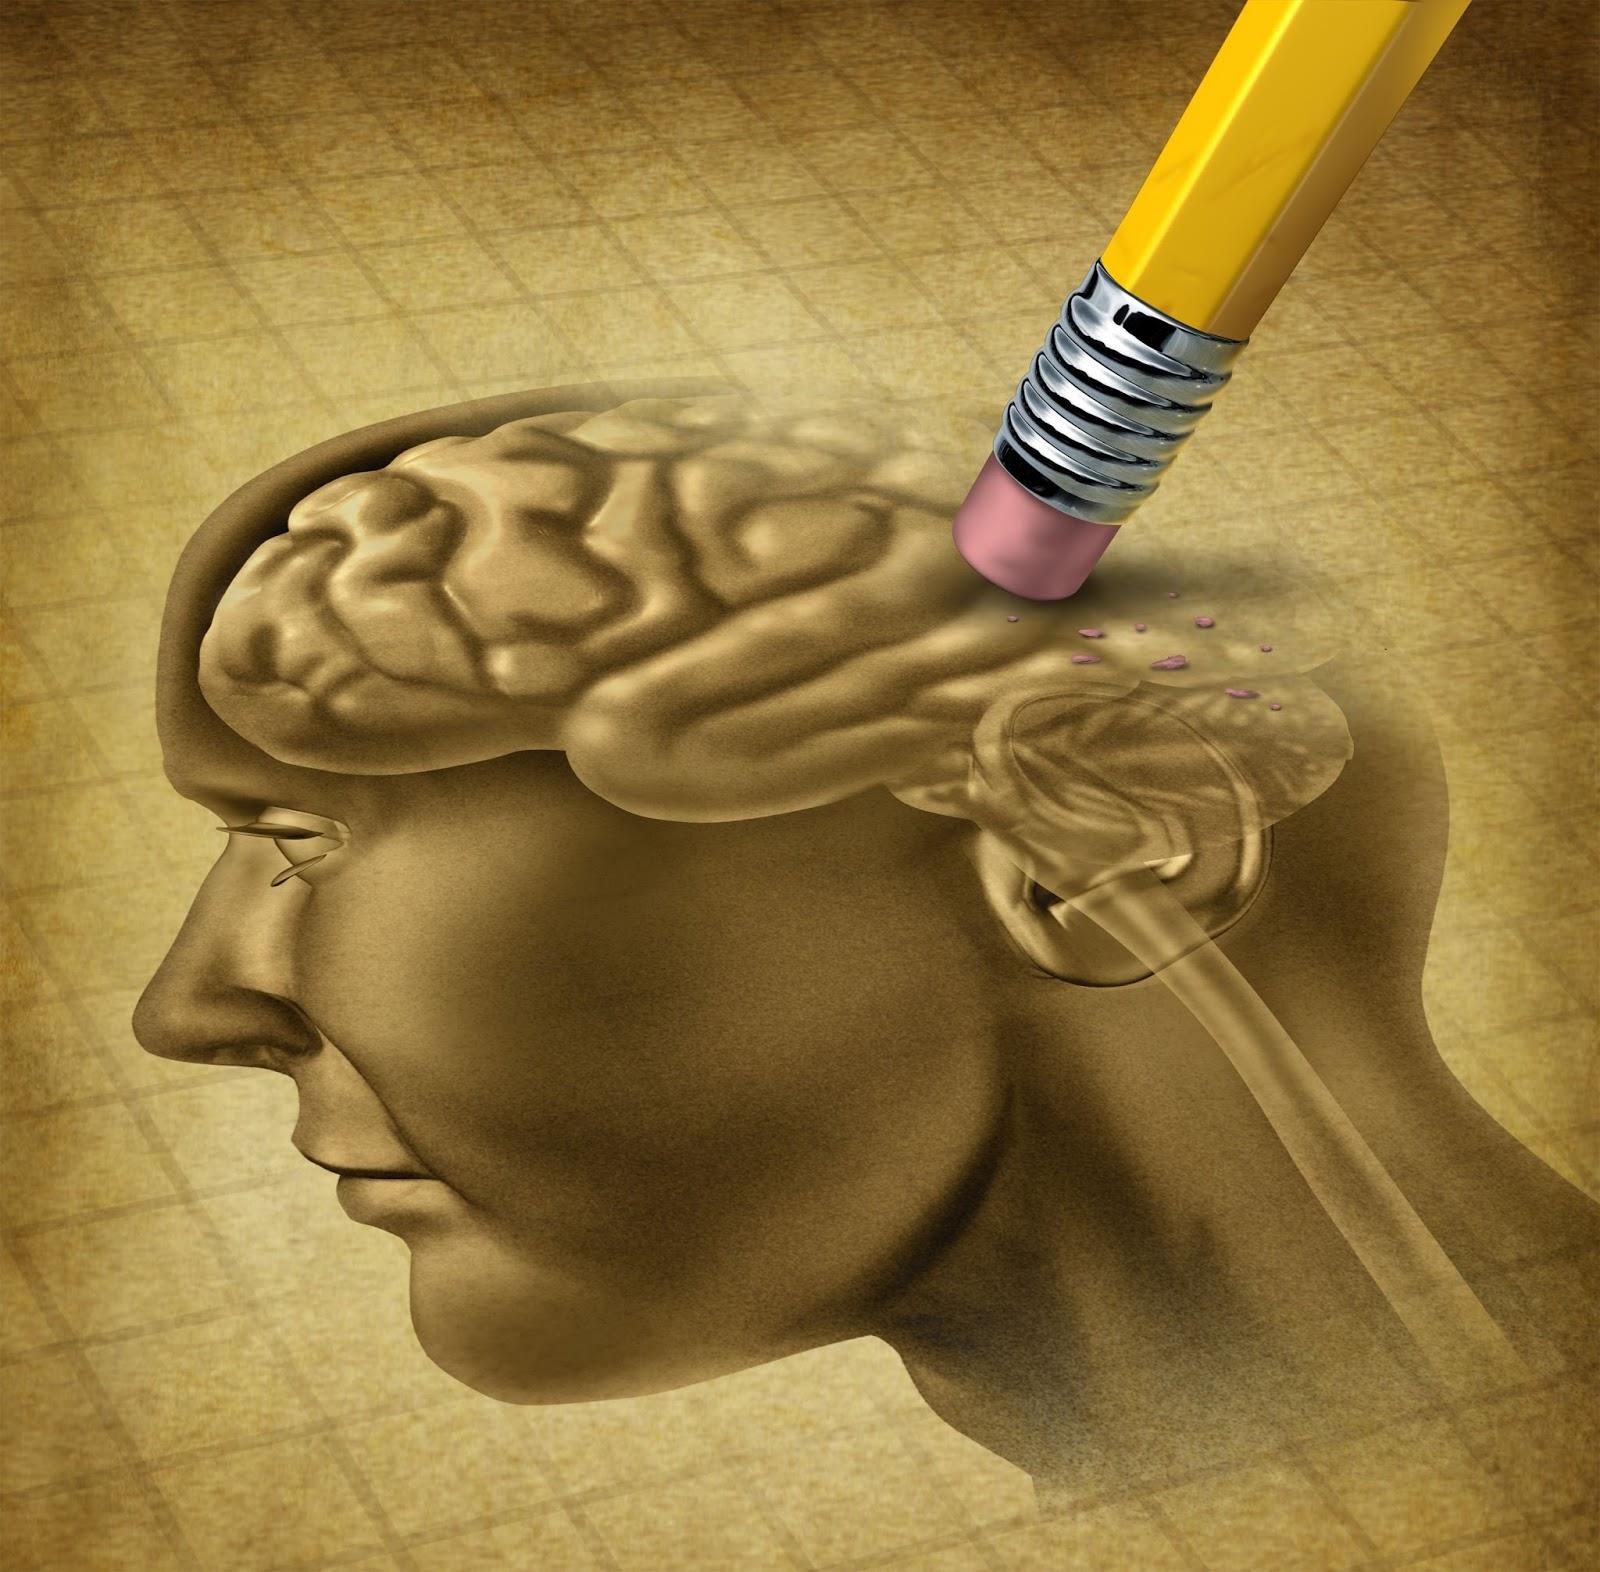 Nyanyuk bukan normal.ianya tanda kerosakkan sel otak?